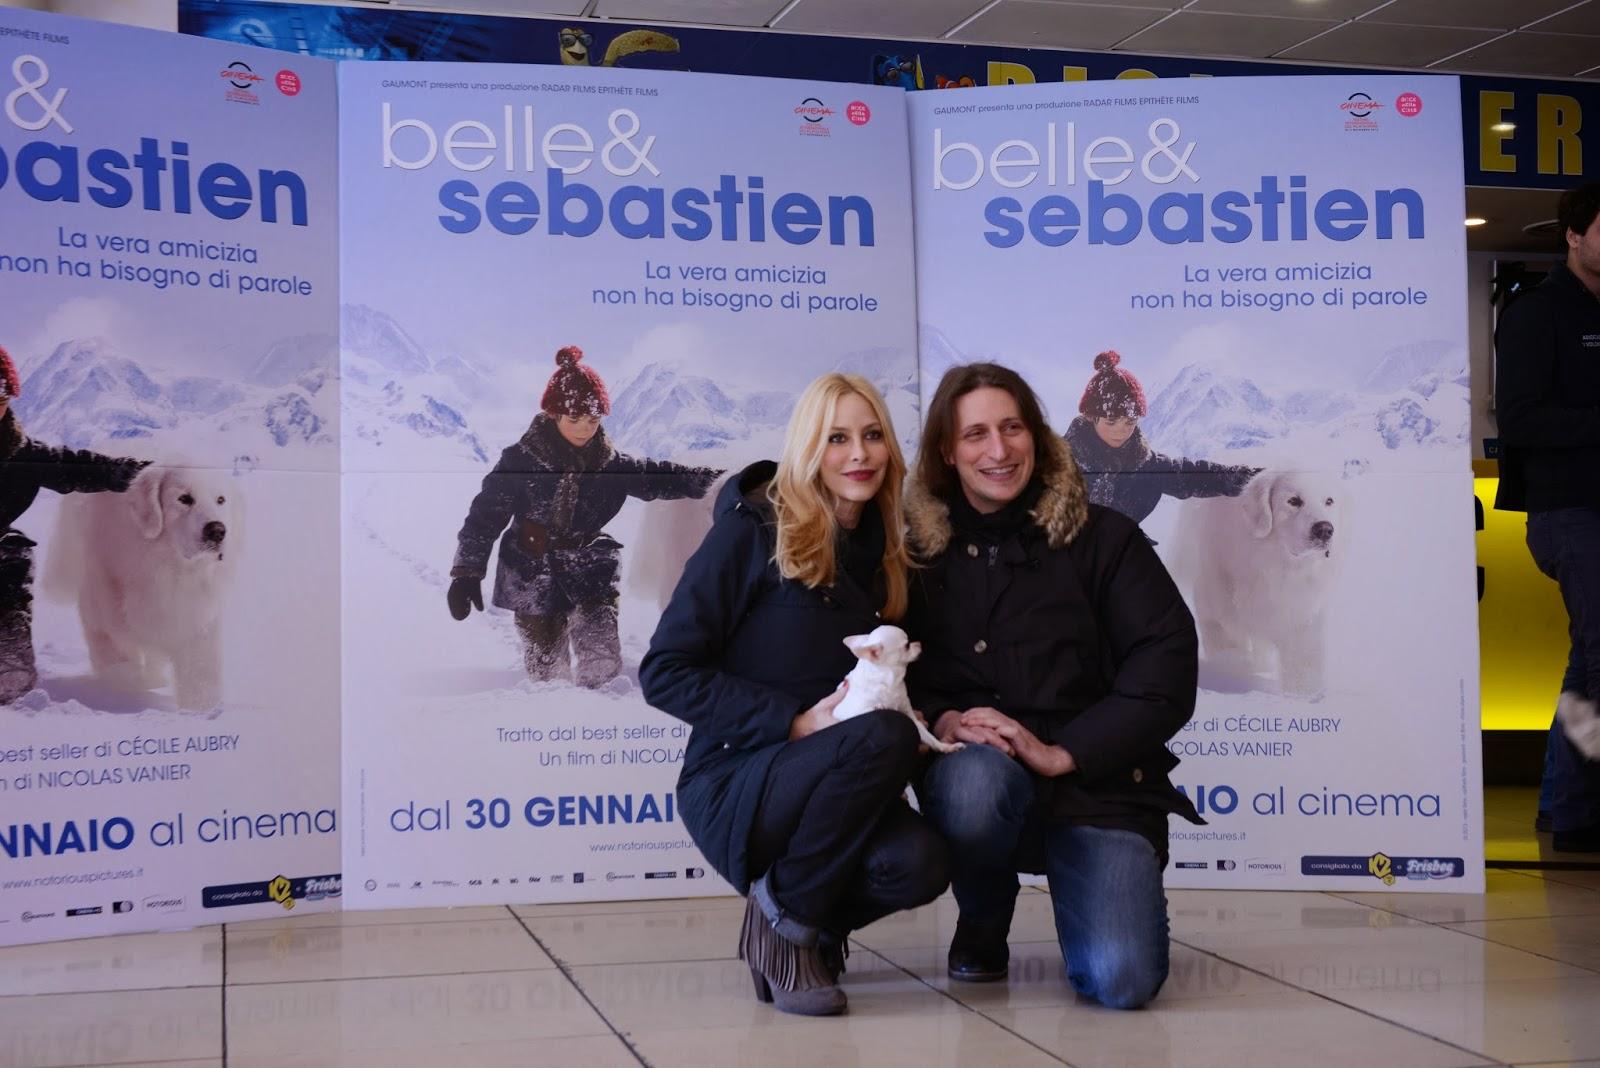 Belle e sebastien al cinema roma spettacolo